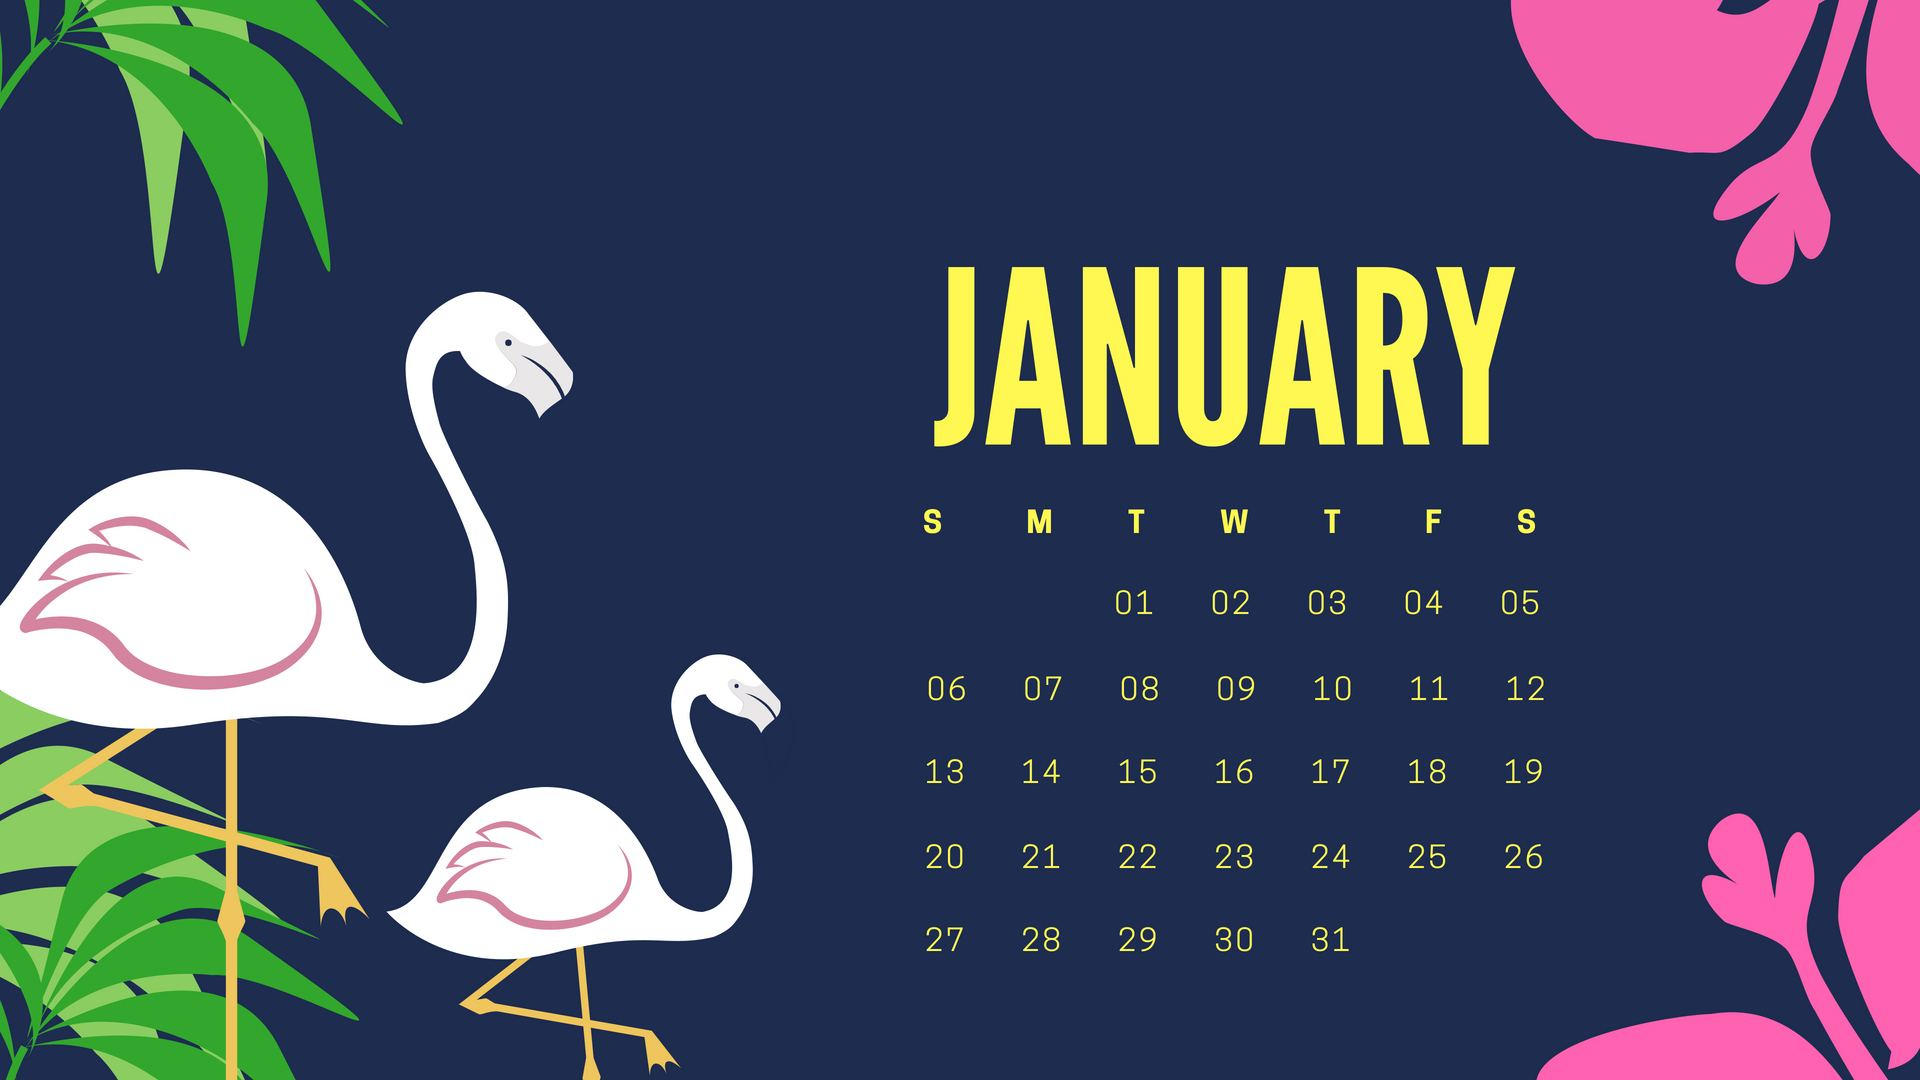 2019 Calendar HD Wallpapers Download CalendarBuzz 1920x1080